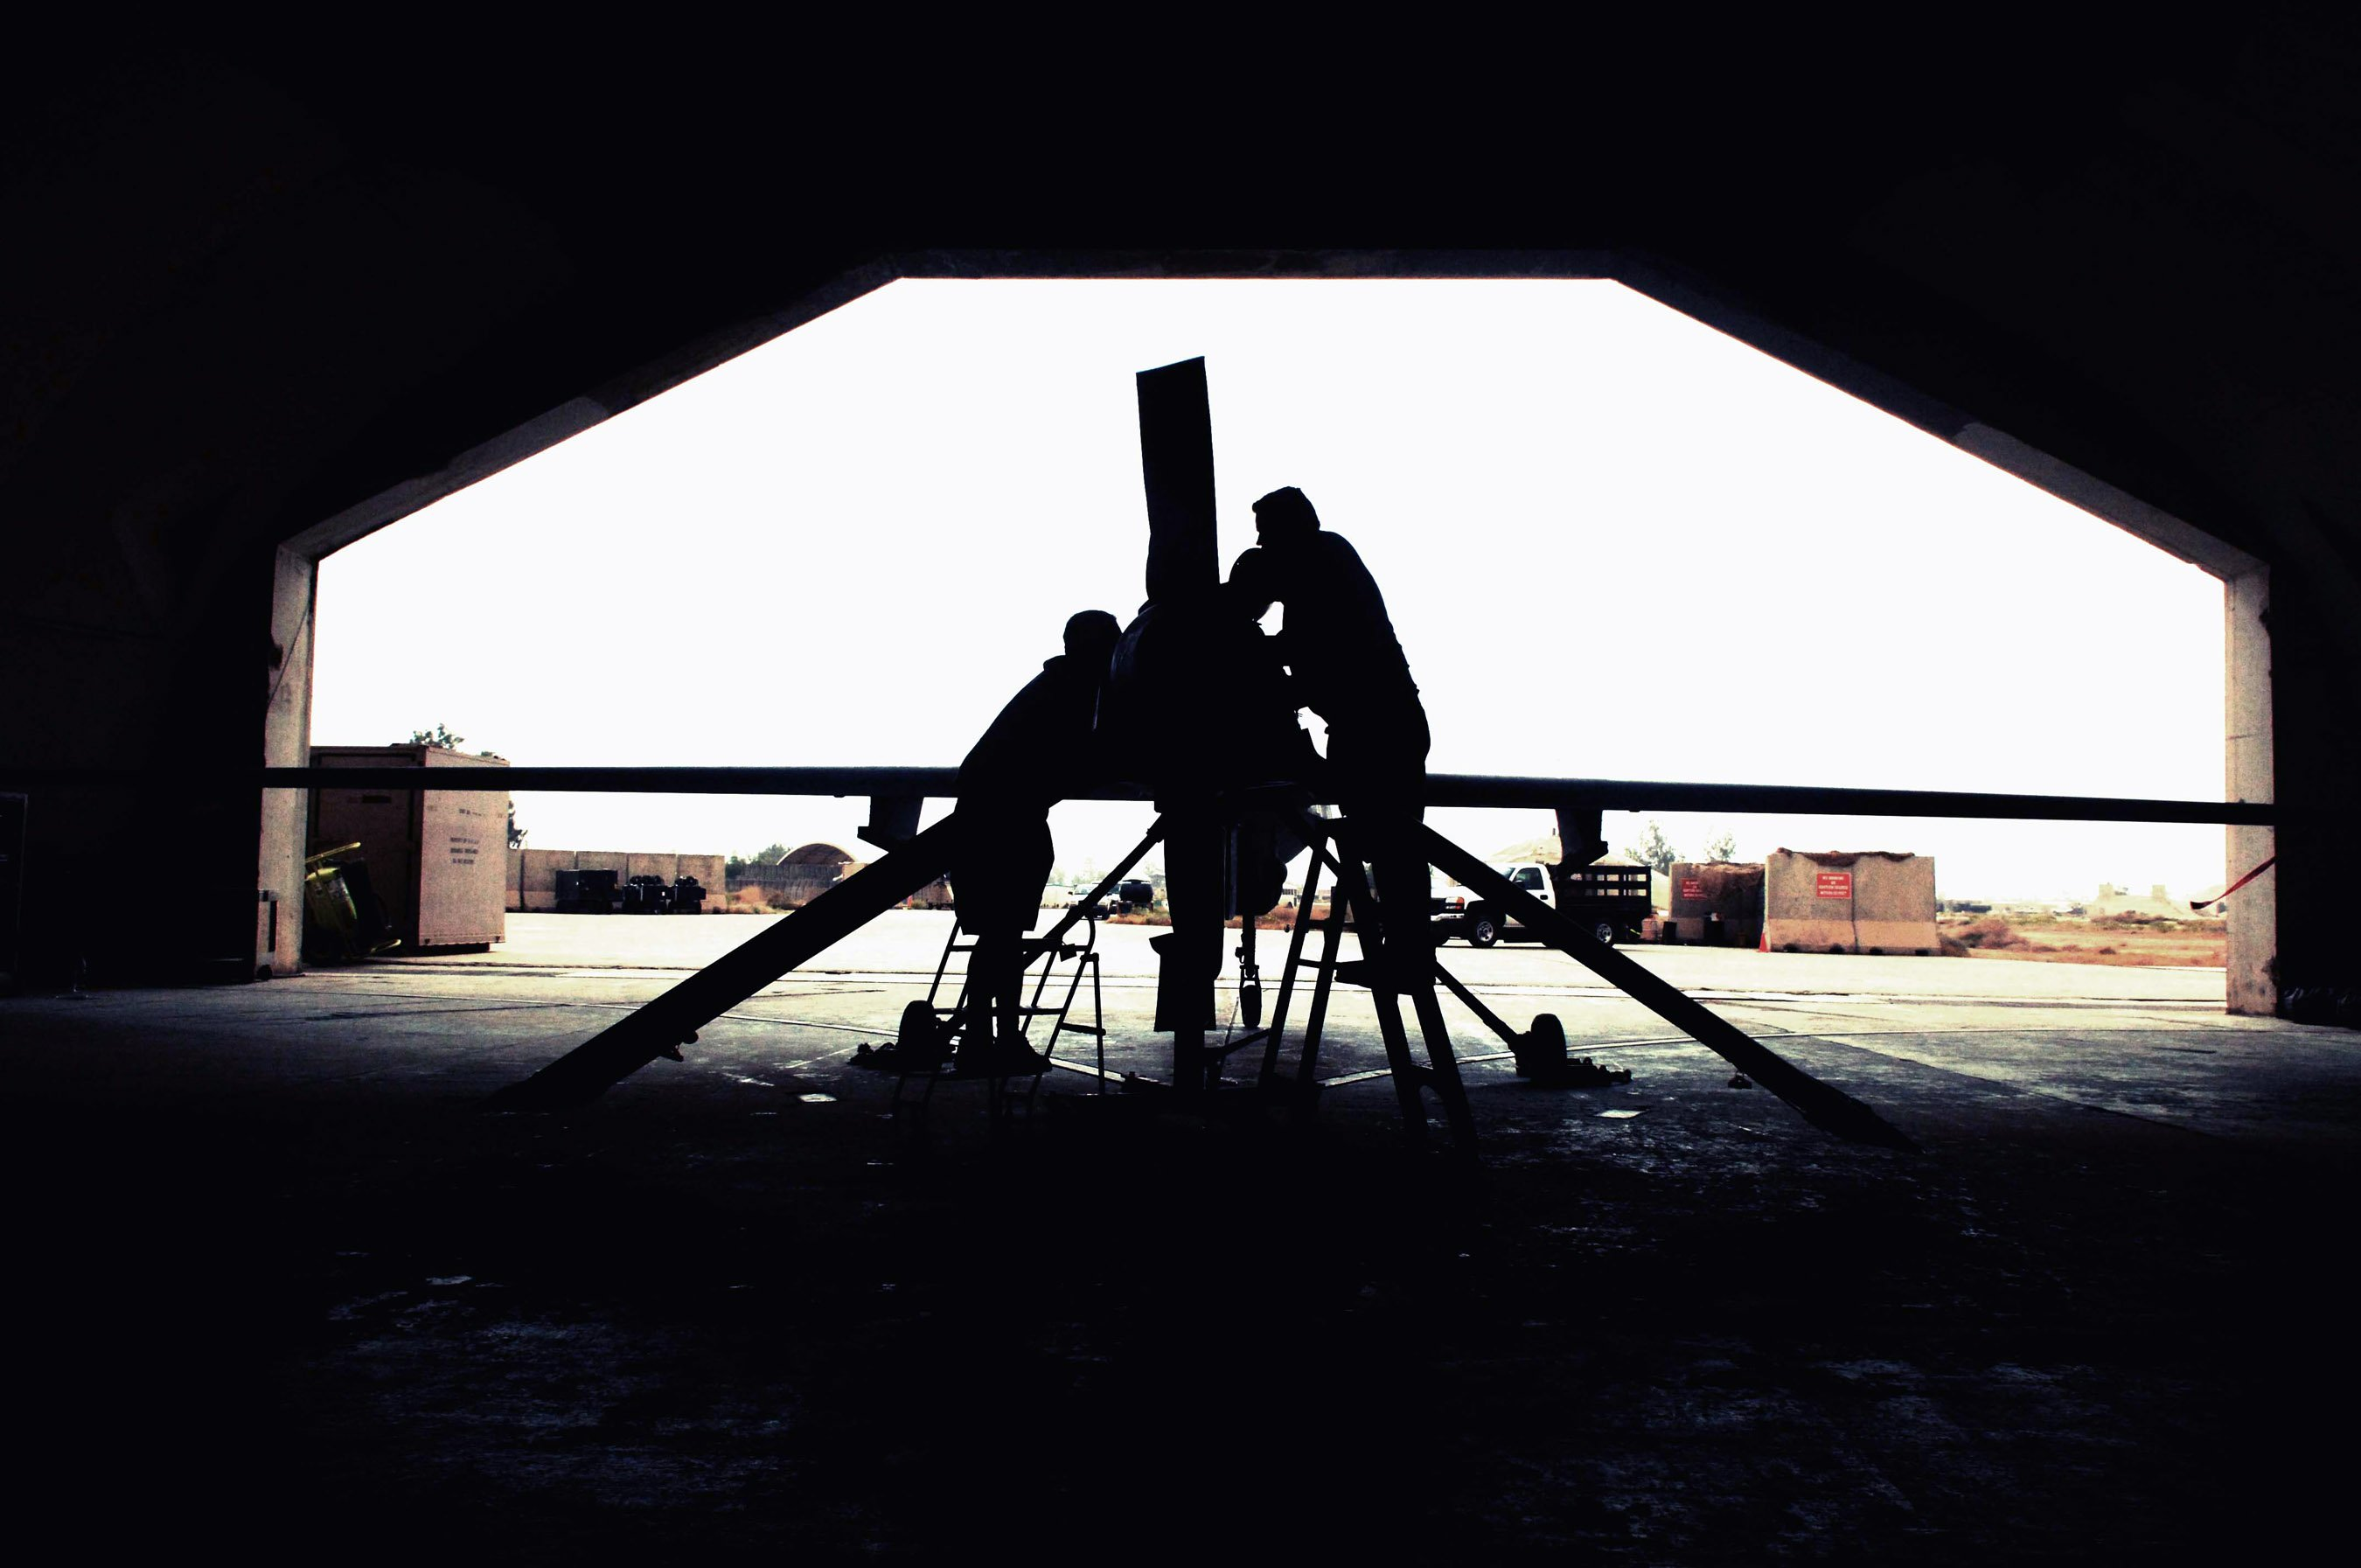 Arbeiten am Predator (Raubtier): Die Drohne bietet bewaffnete Aufklärung, Luft-Überwachung und Zielerfassung.